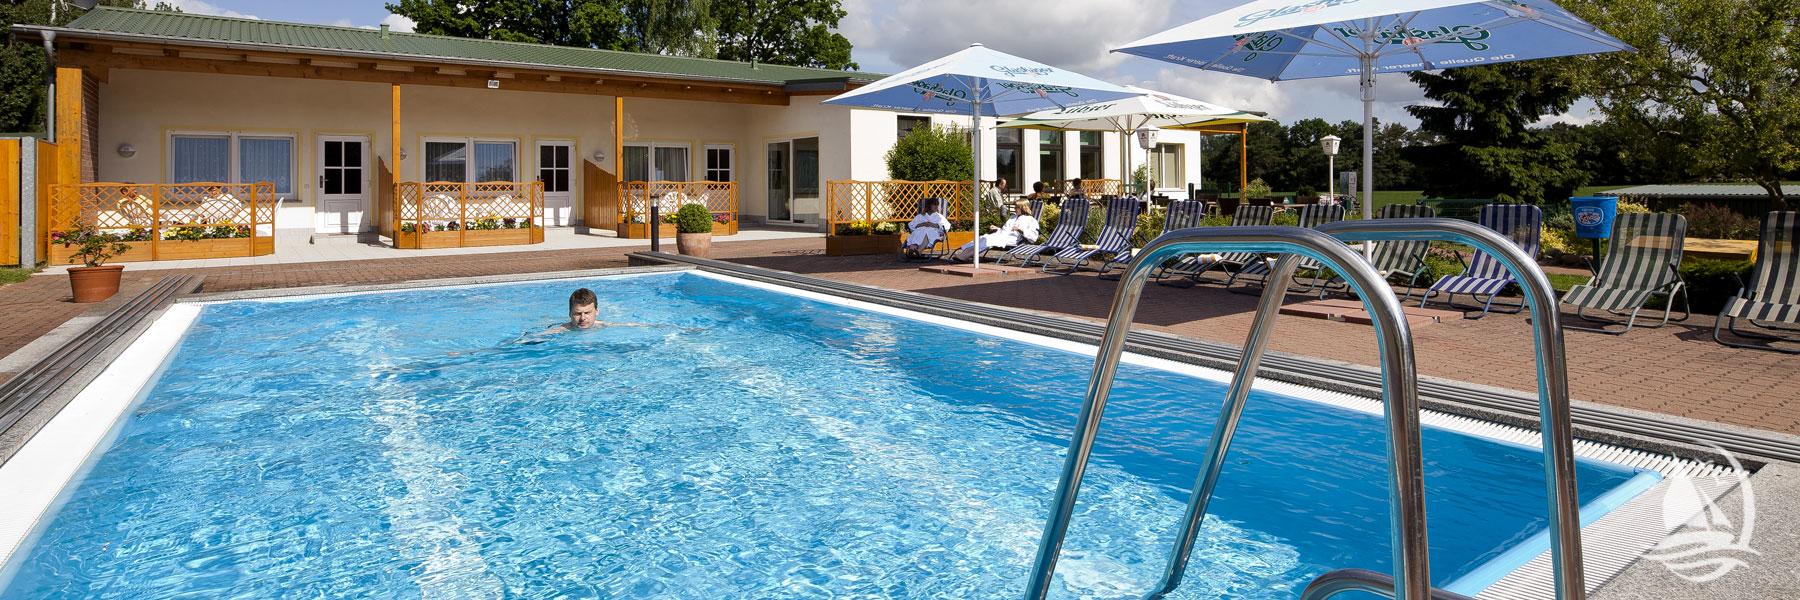 """Pool - Ferienanlage """"Zum See"""""""